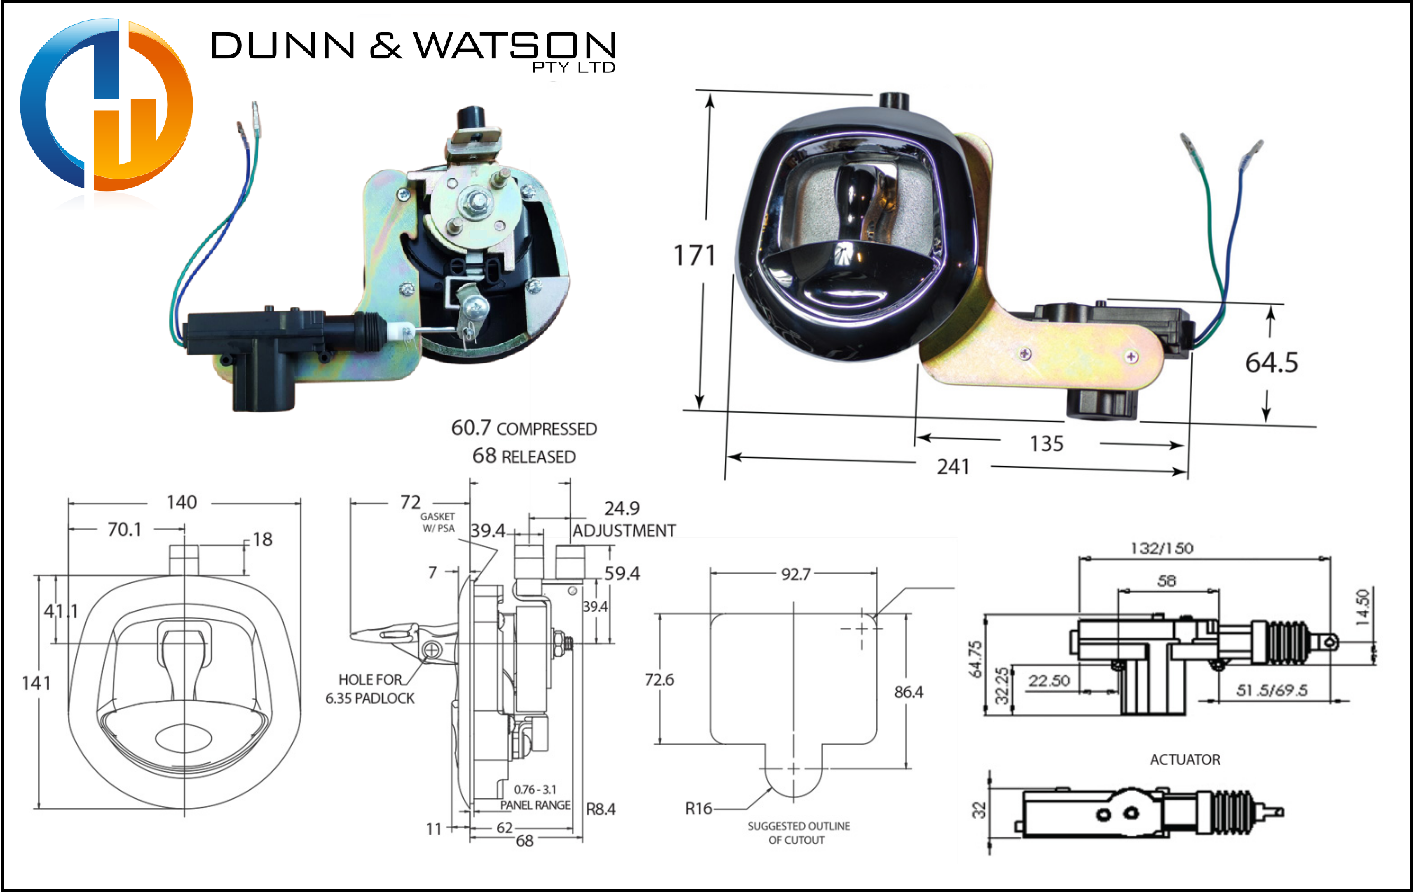 Dunn & Watson - Power Whale Tail - Chrome